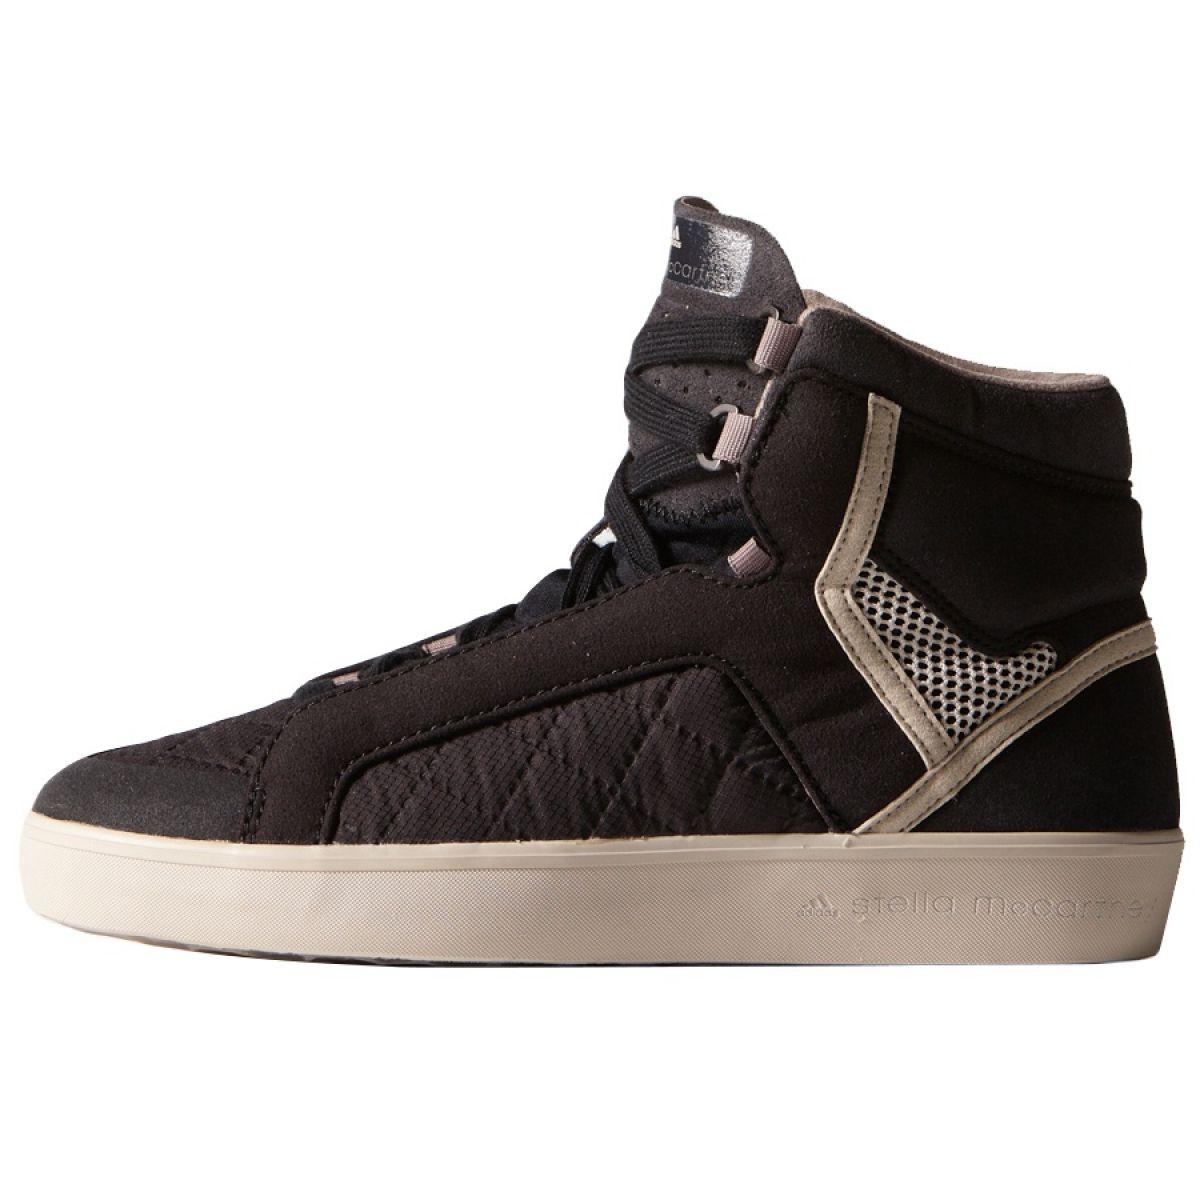 167c0b885c86b Buty adidas Stella McCartney W M29783 36 - 7137776570 - oficjalne ...